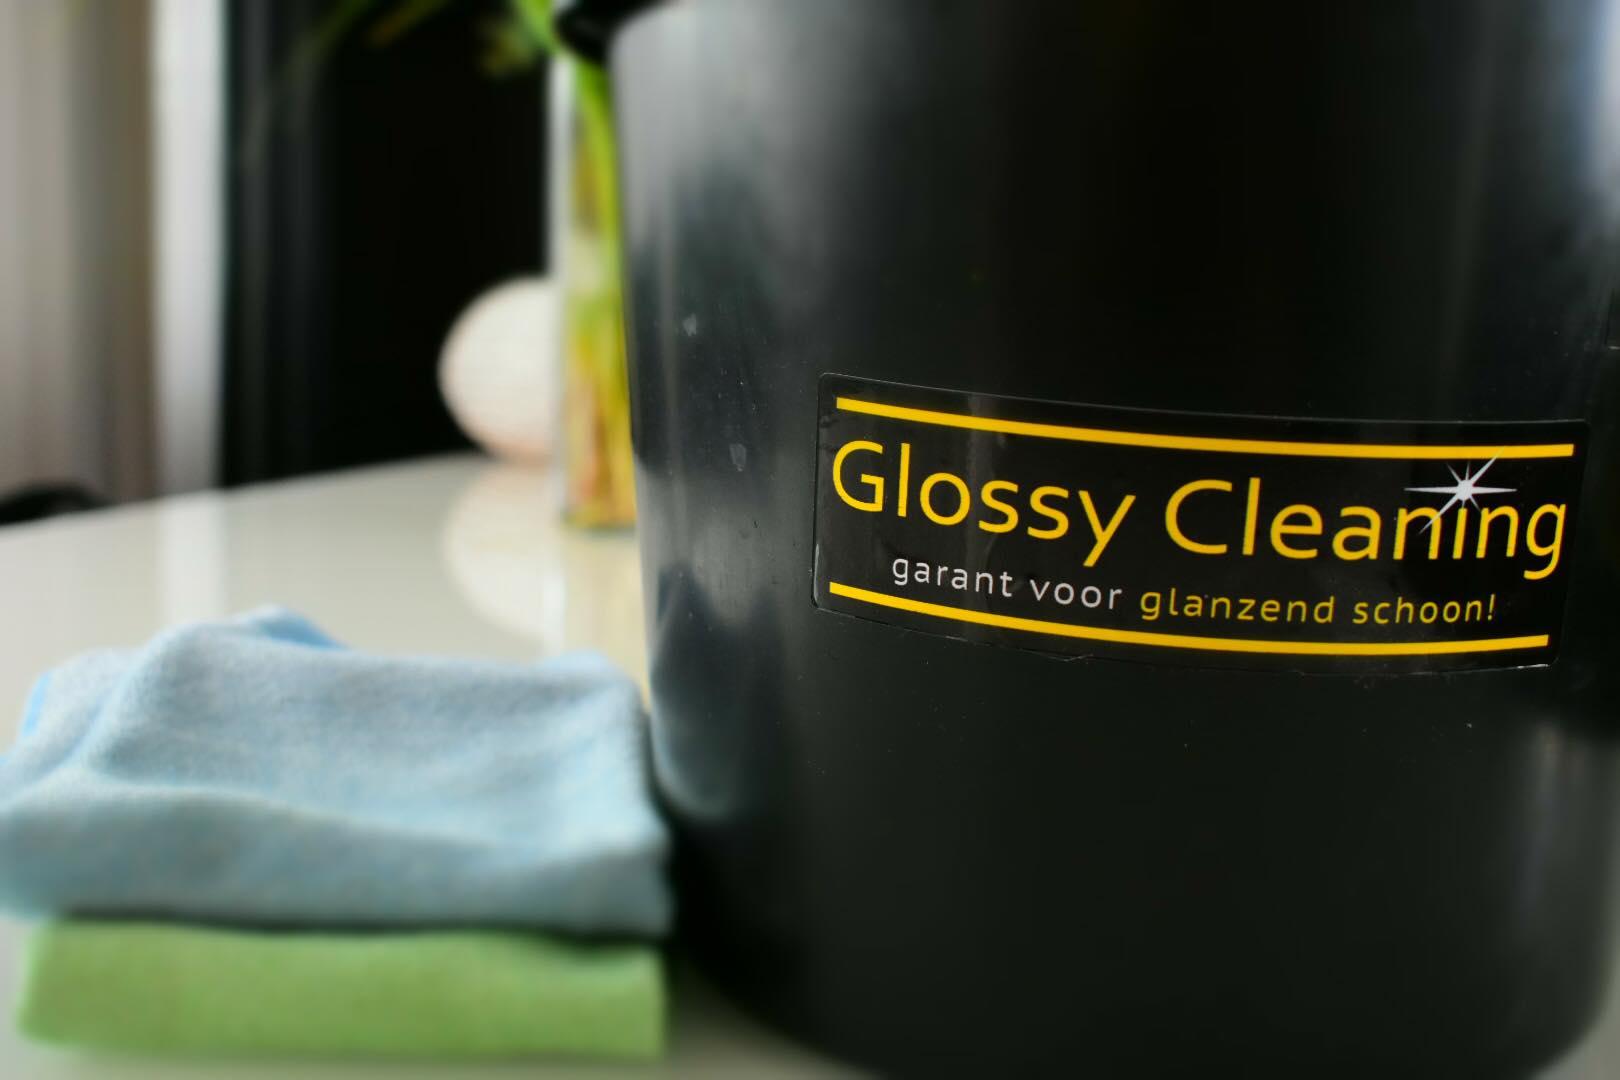 Schoonmaakbedrijf in Nijmegen Glossy Cleaning. Glazenwasser, interieurverzorging, tapijtreiniging.